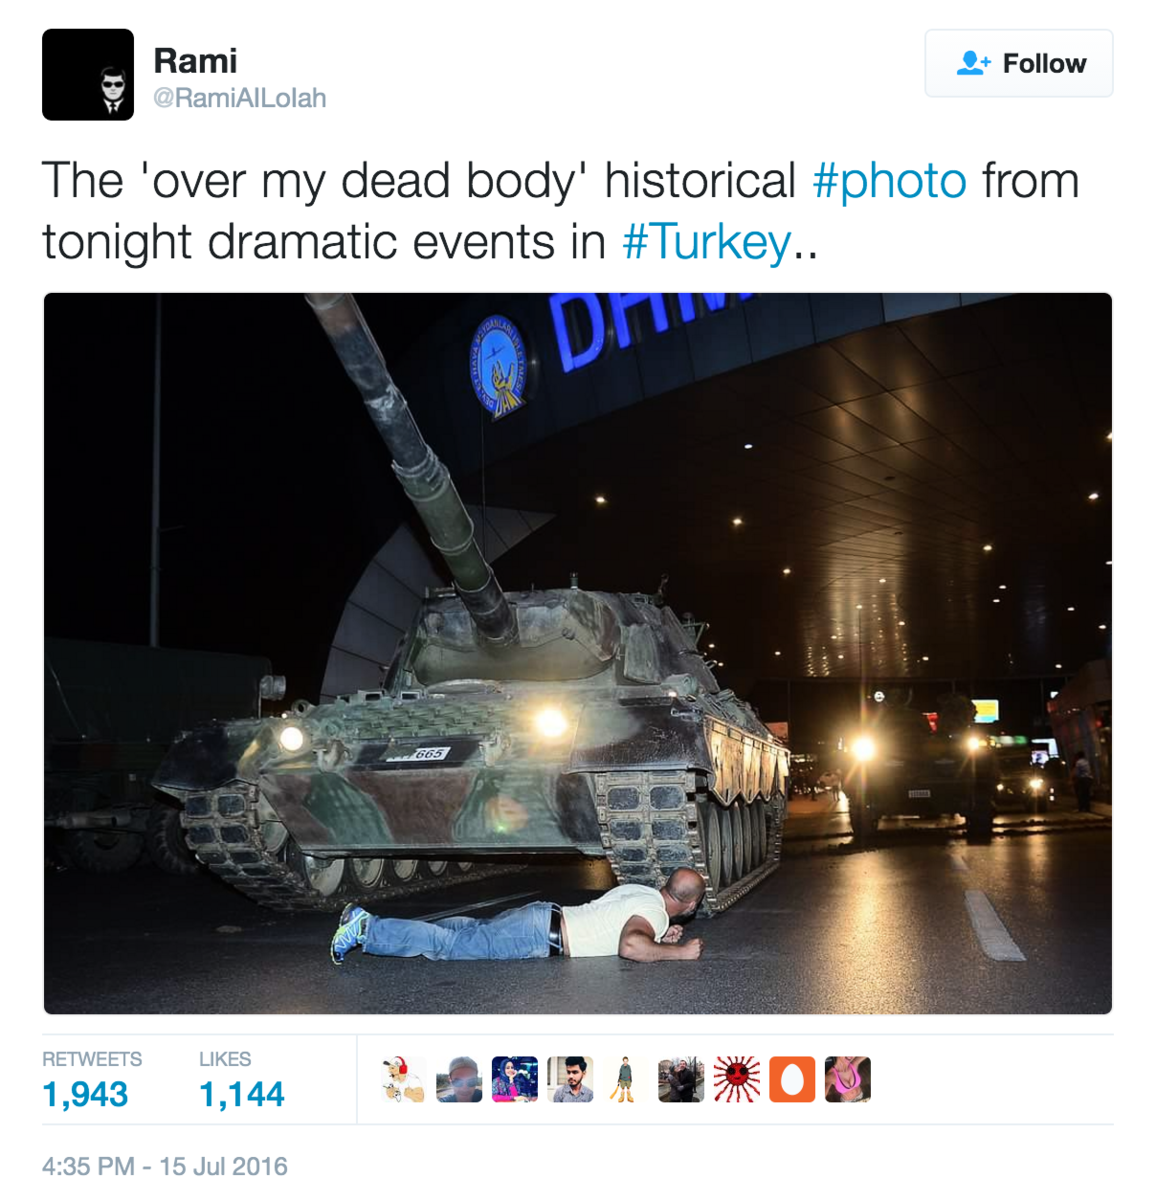 推特用戶@RamiAILoIah寫道:「來自土耳其今晚戲劇性事件的『除非踩過我屍體』歷史性照片。」推文附上圖片。(推特擷圖)